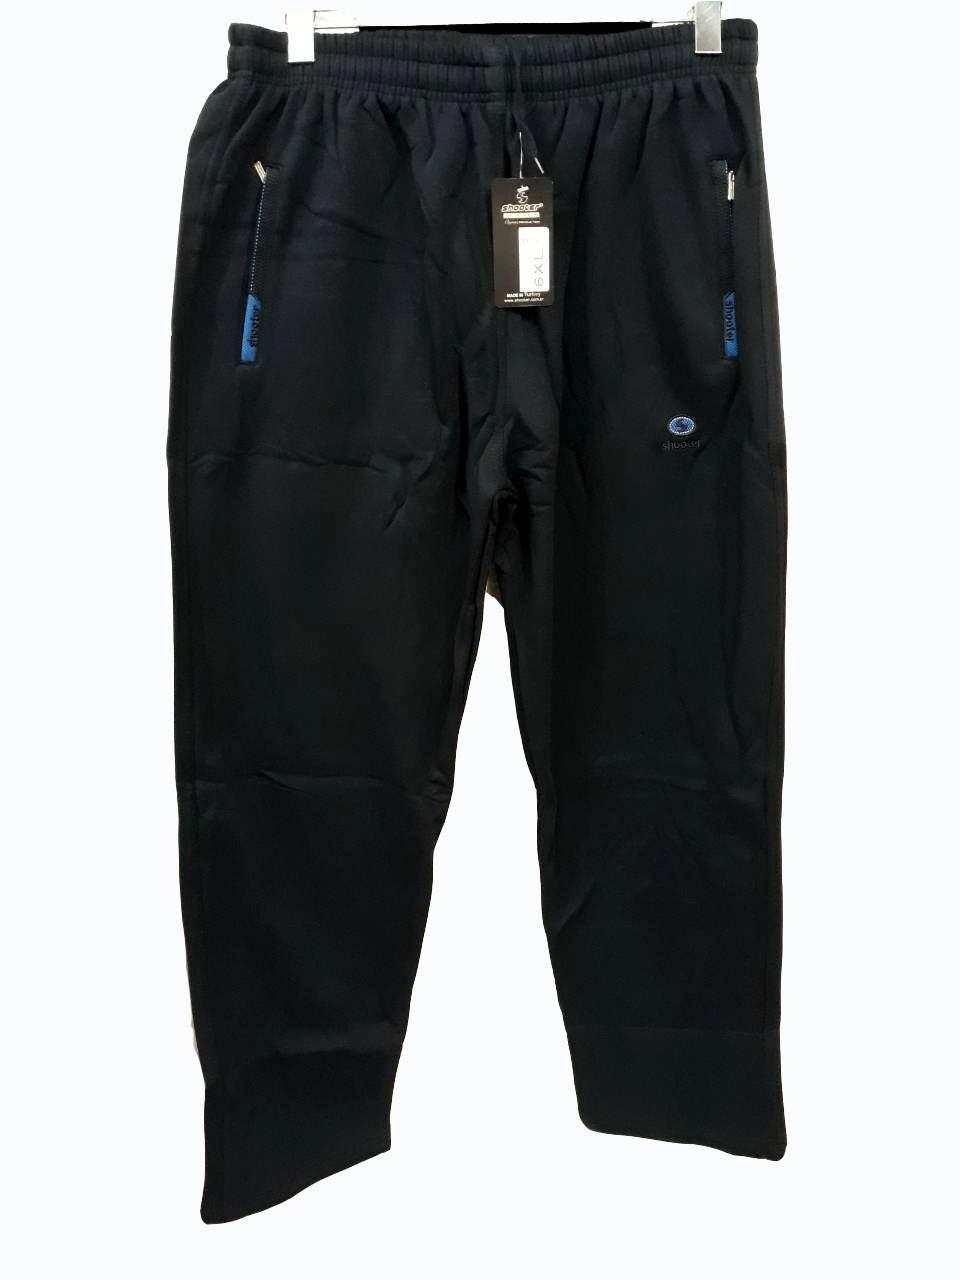 Брюки теплые Shooter батал зимние мужские спортивные штаны Шутер большого размера Черный